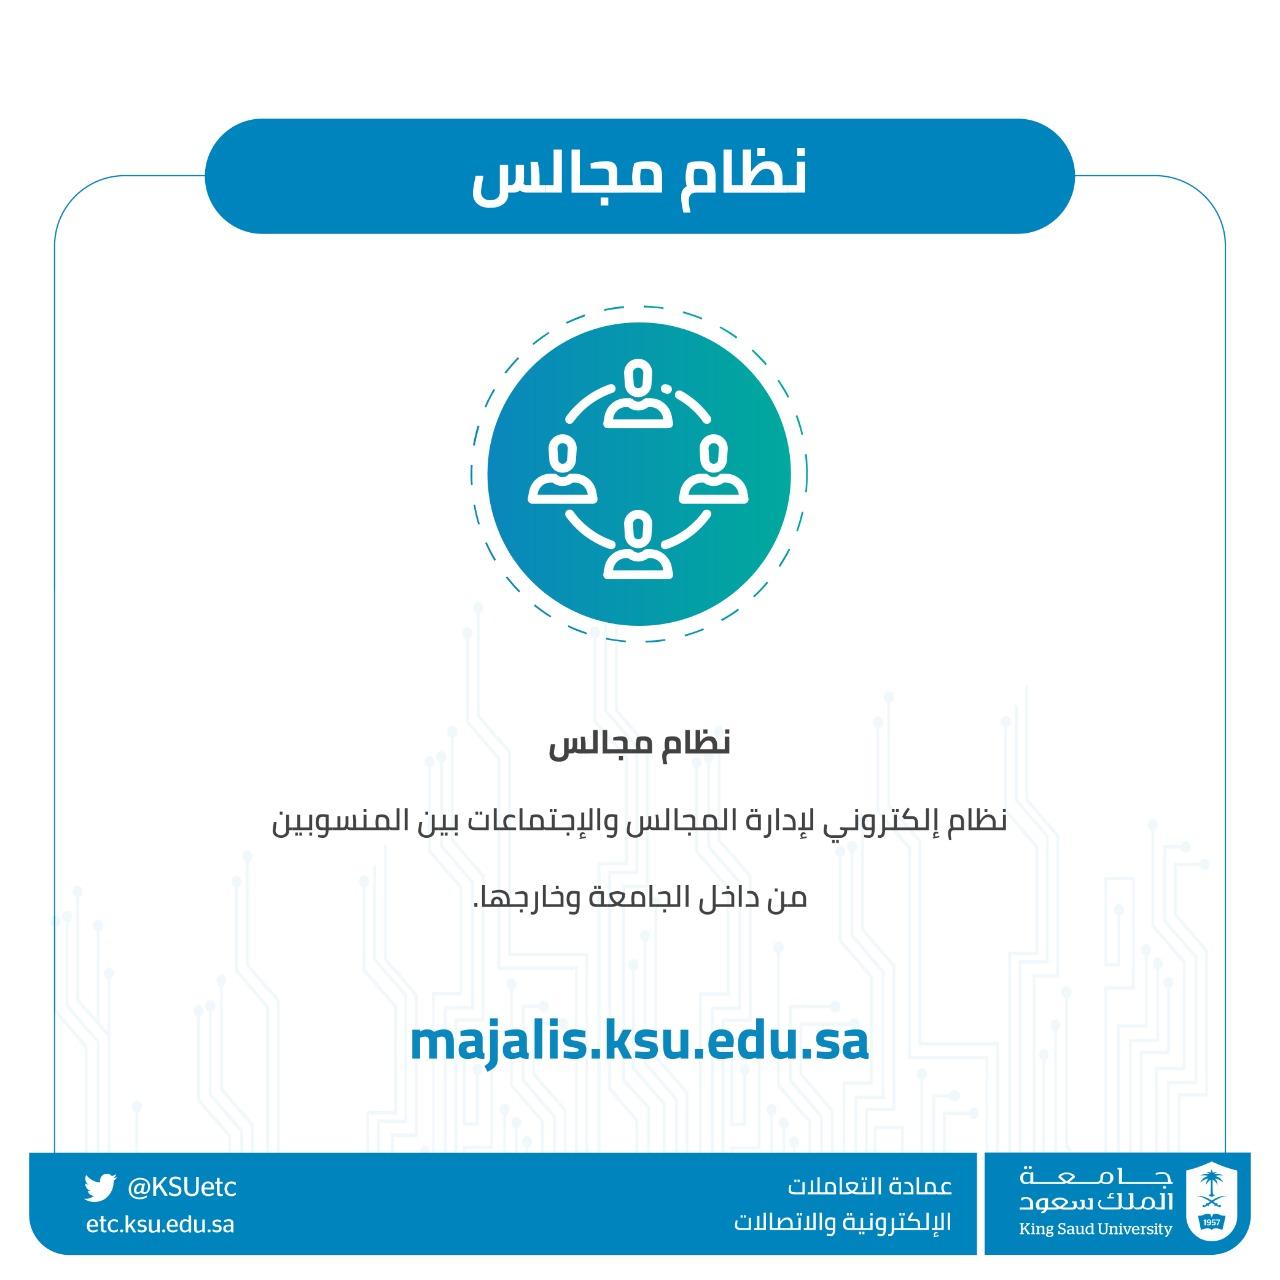 عمادة التعاملات الإلكترونية والاتصالات On Twitter نظام مجالس Https T Co Jcpk8xnmgh التعليم عن بعد العمل عن بعد